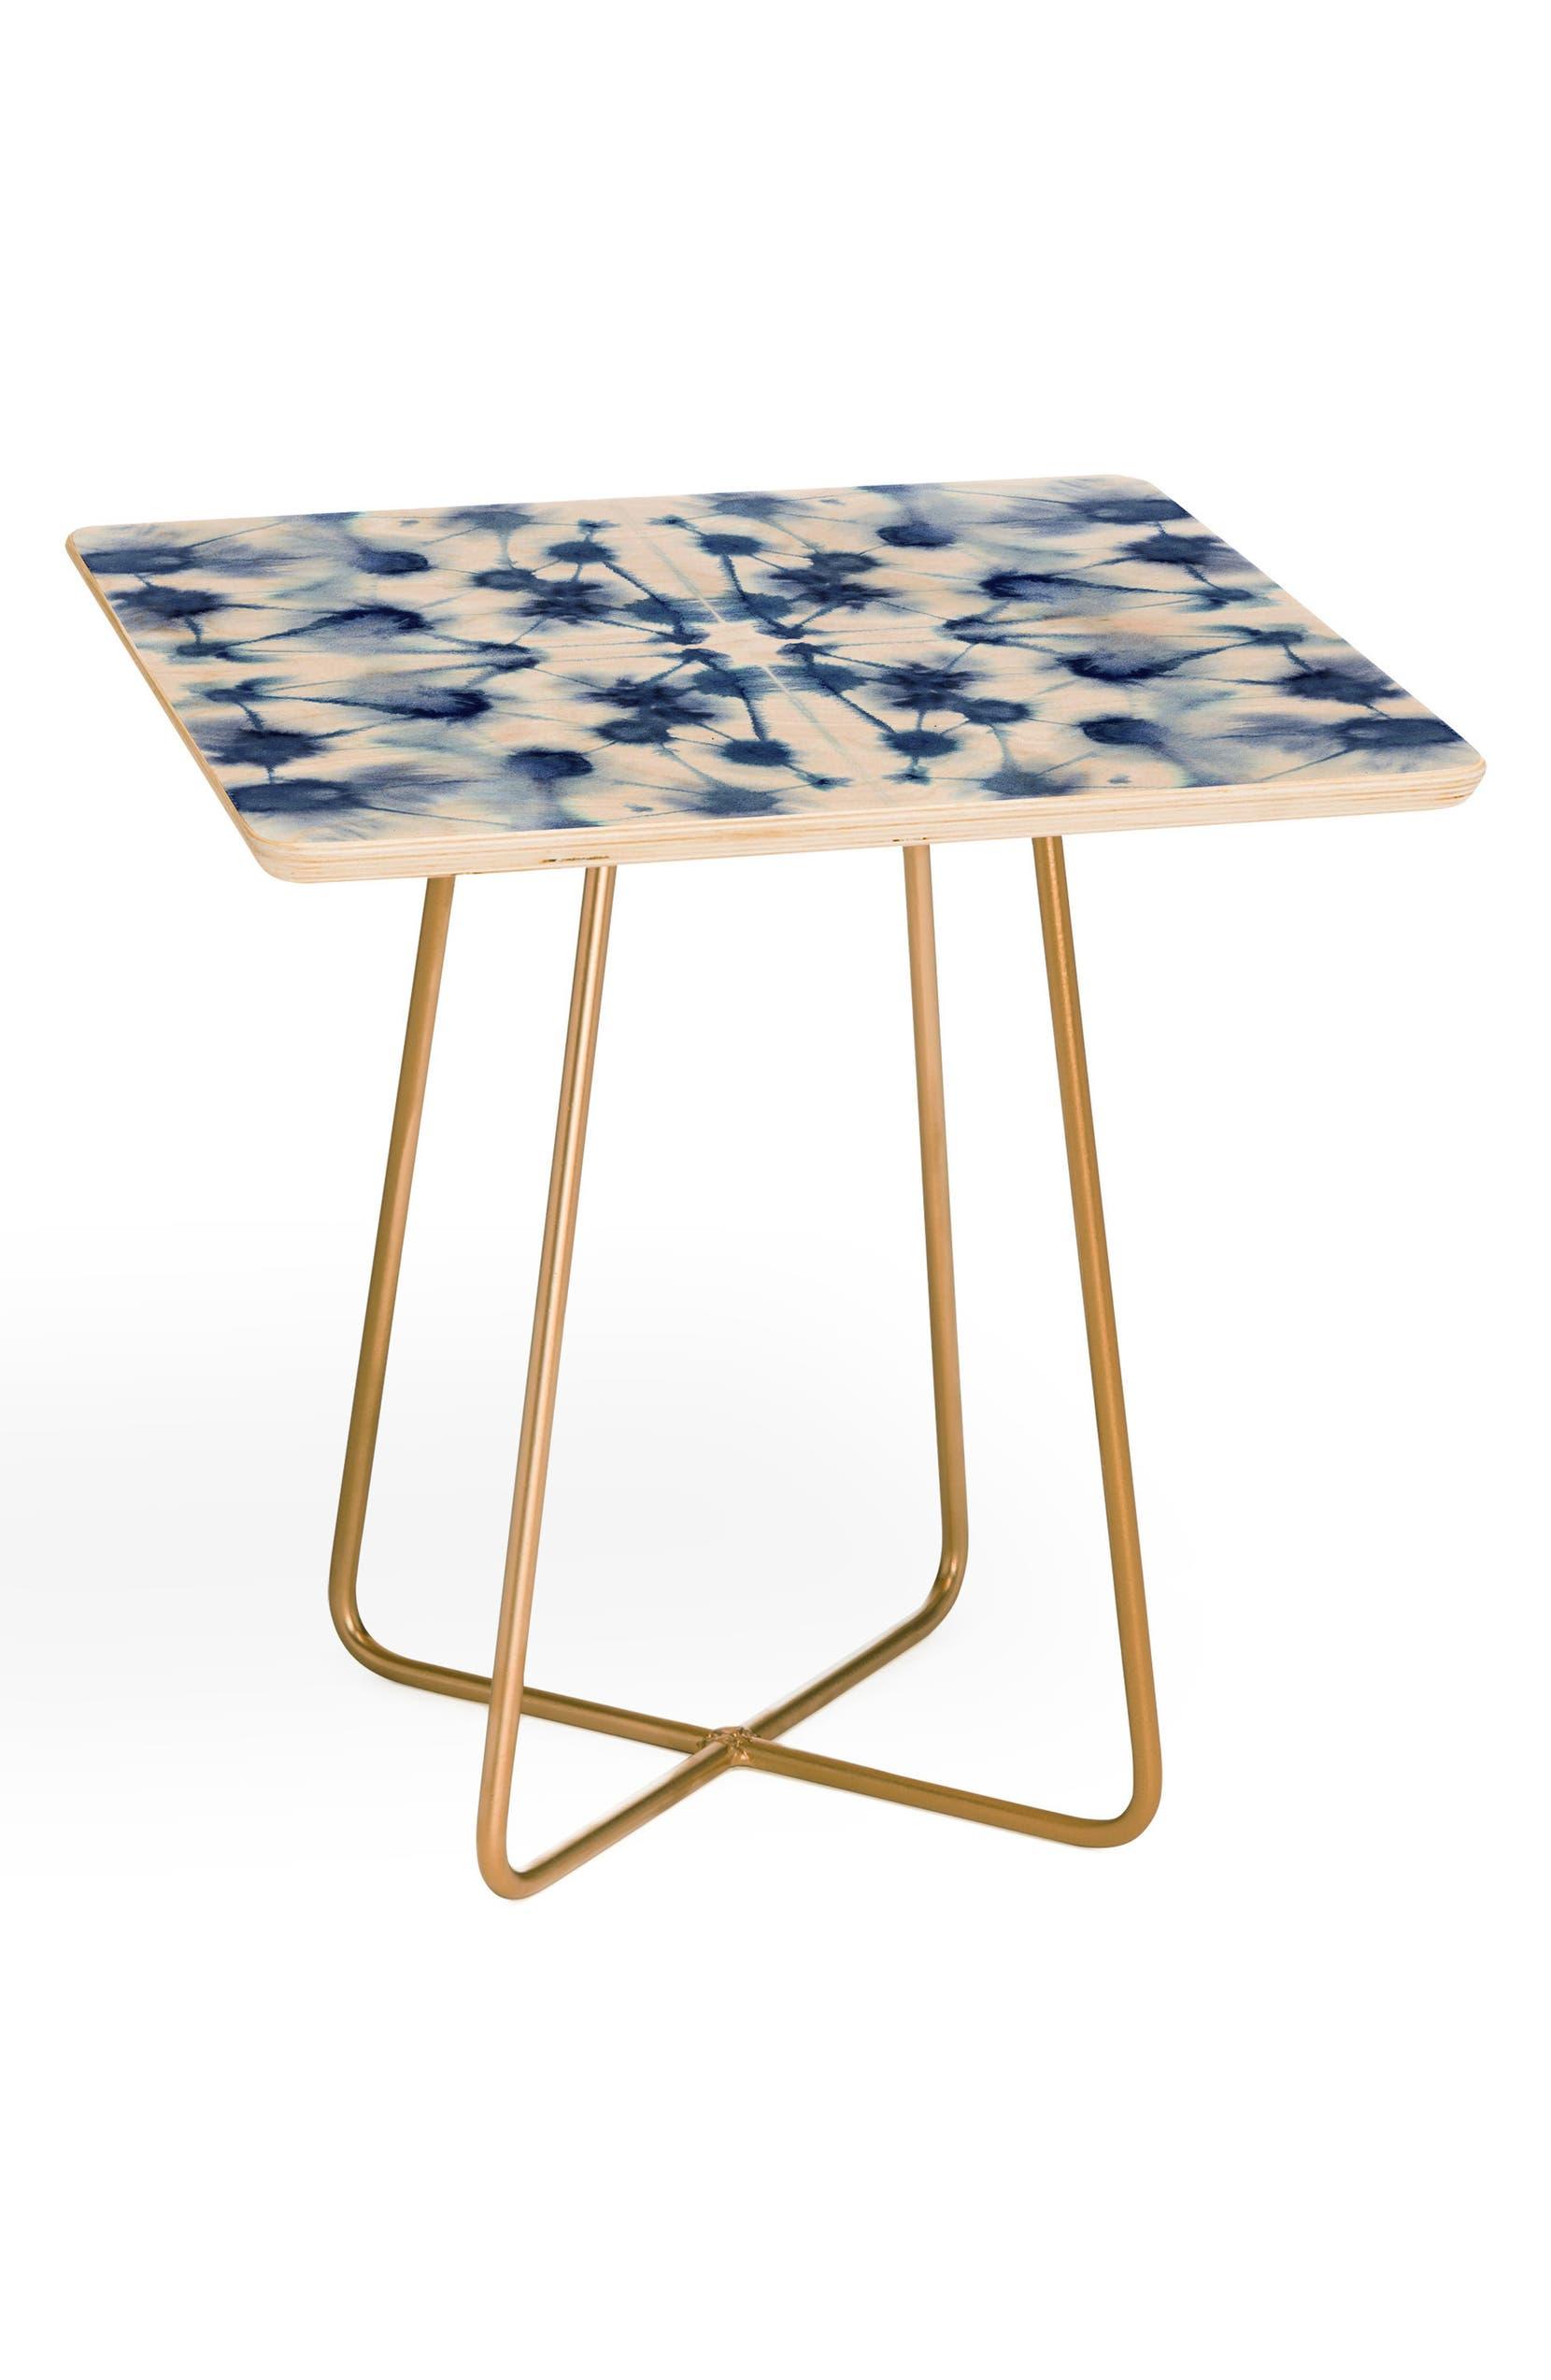 Jacqueline Maldonado Mirror Side Table